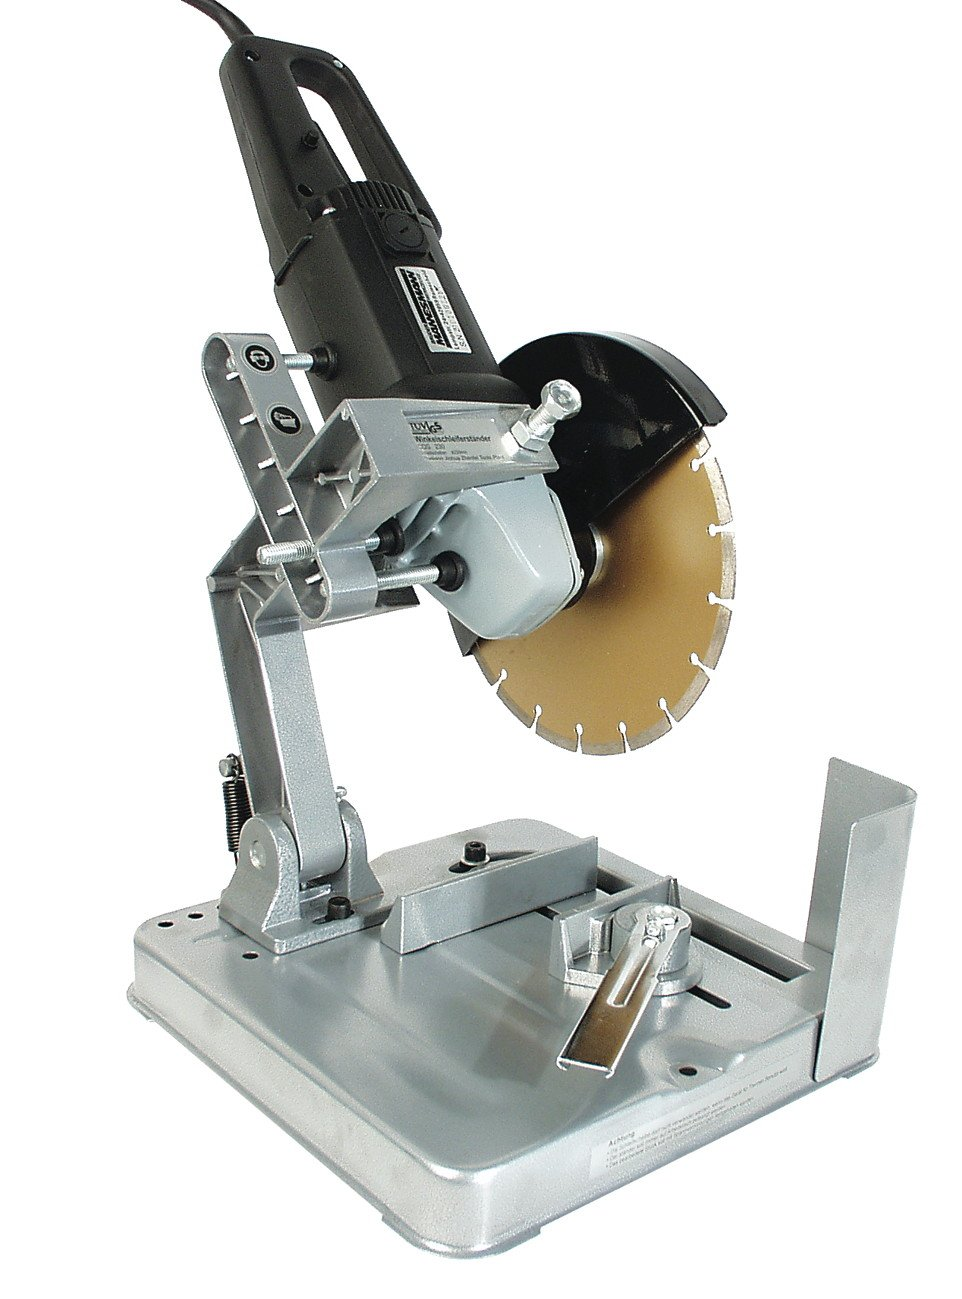 Mannesmann Trennständer für Winkelschleifmaschine, M 1255